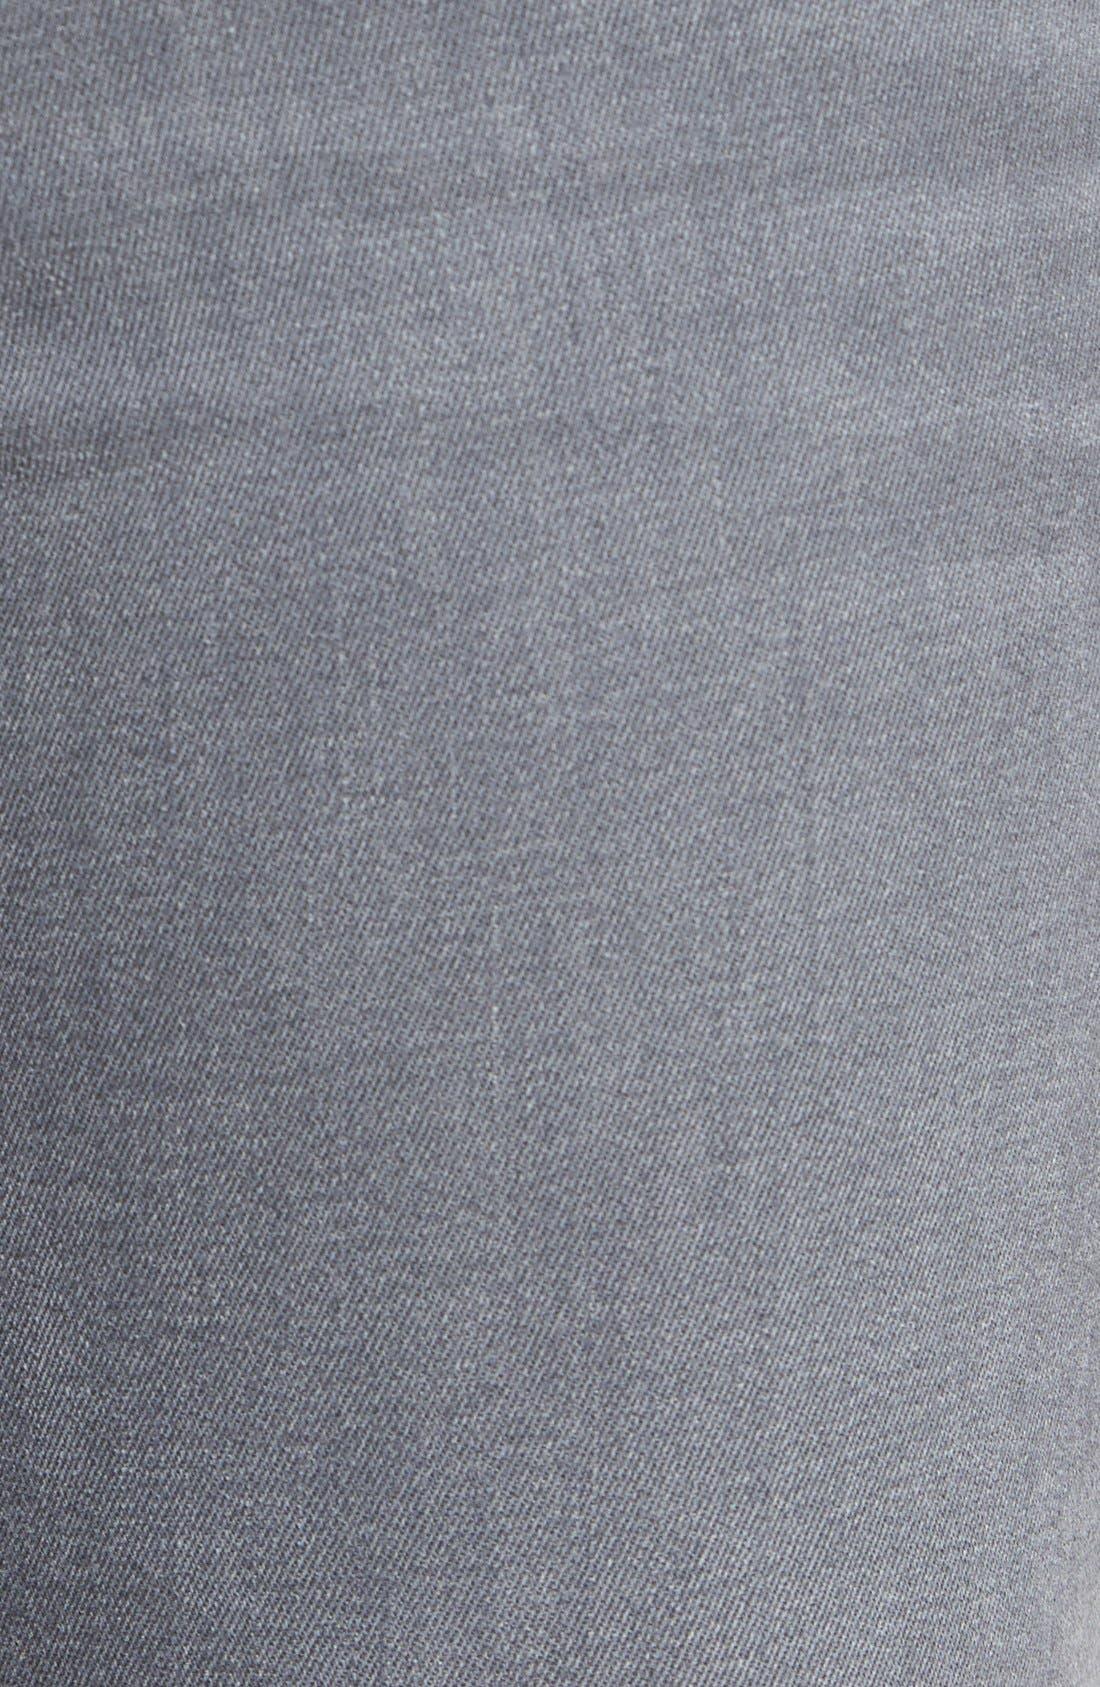 Alternate Image 4  - DL1961 'Florence' Instasculpt Skinny Jeans (Craft)